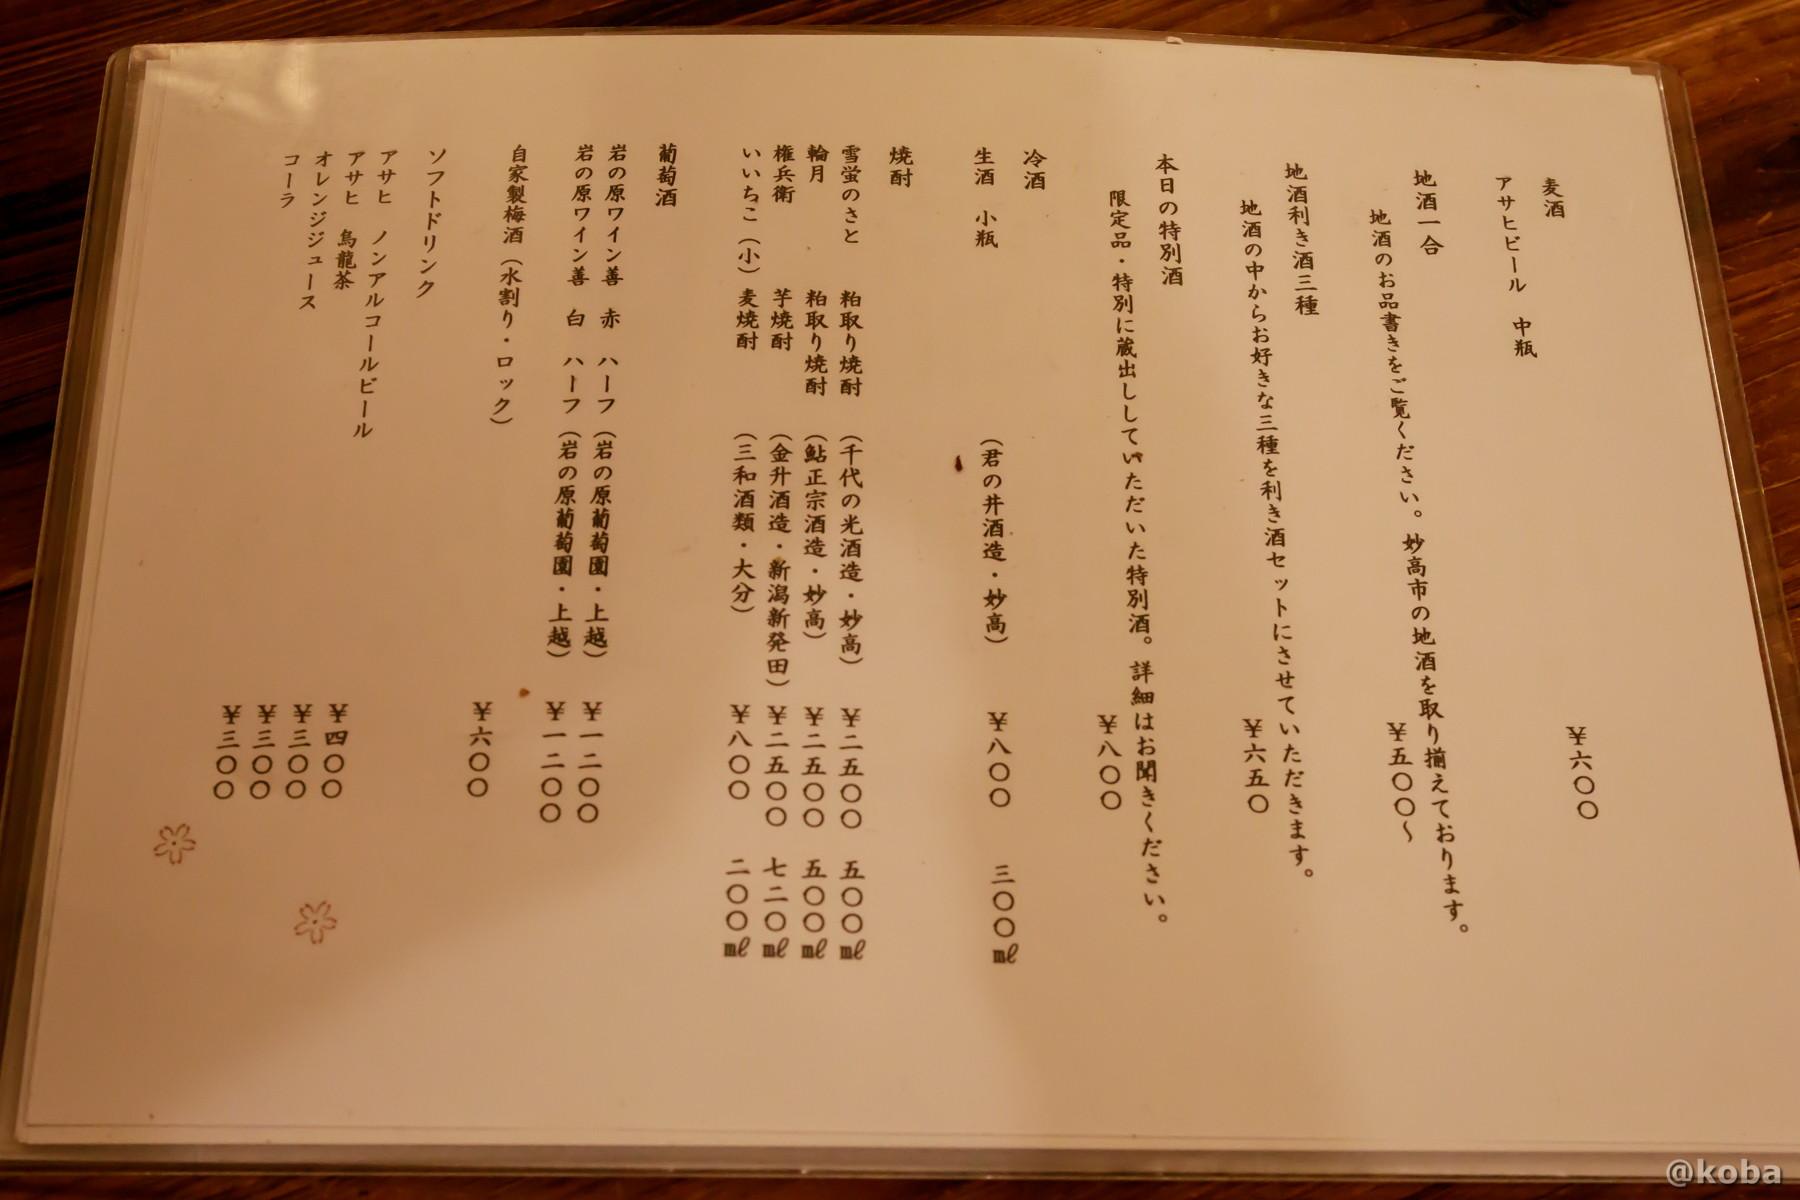 ドリンクメニューの写真 燕温泉 樺太館(つばめおんせん からふとかん)新潟県 妙高市